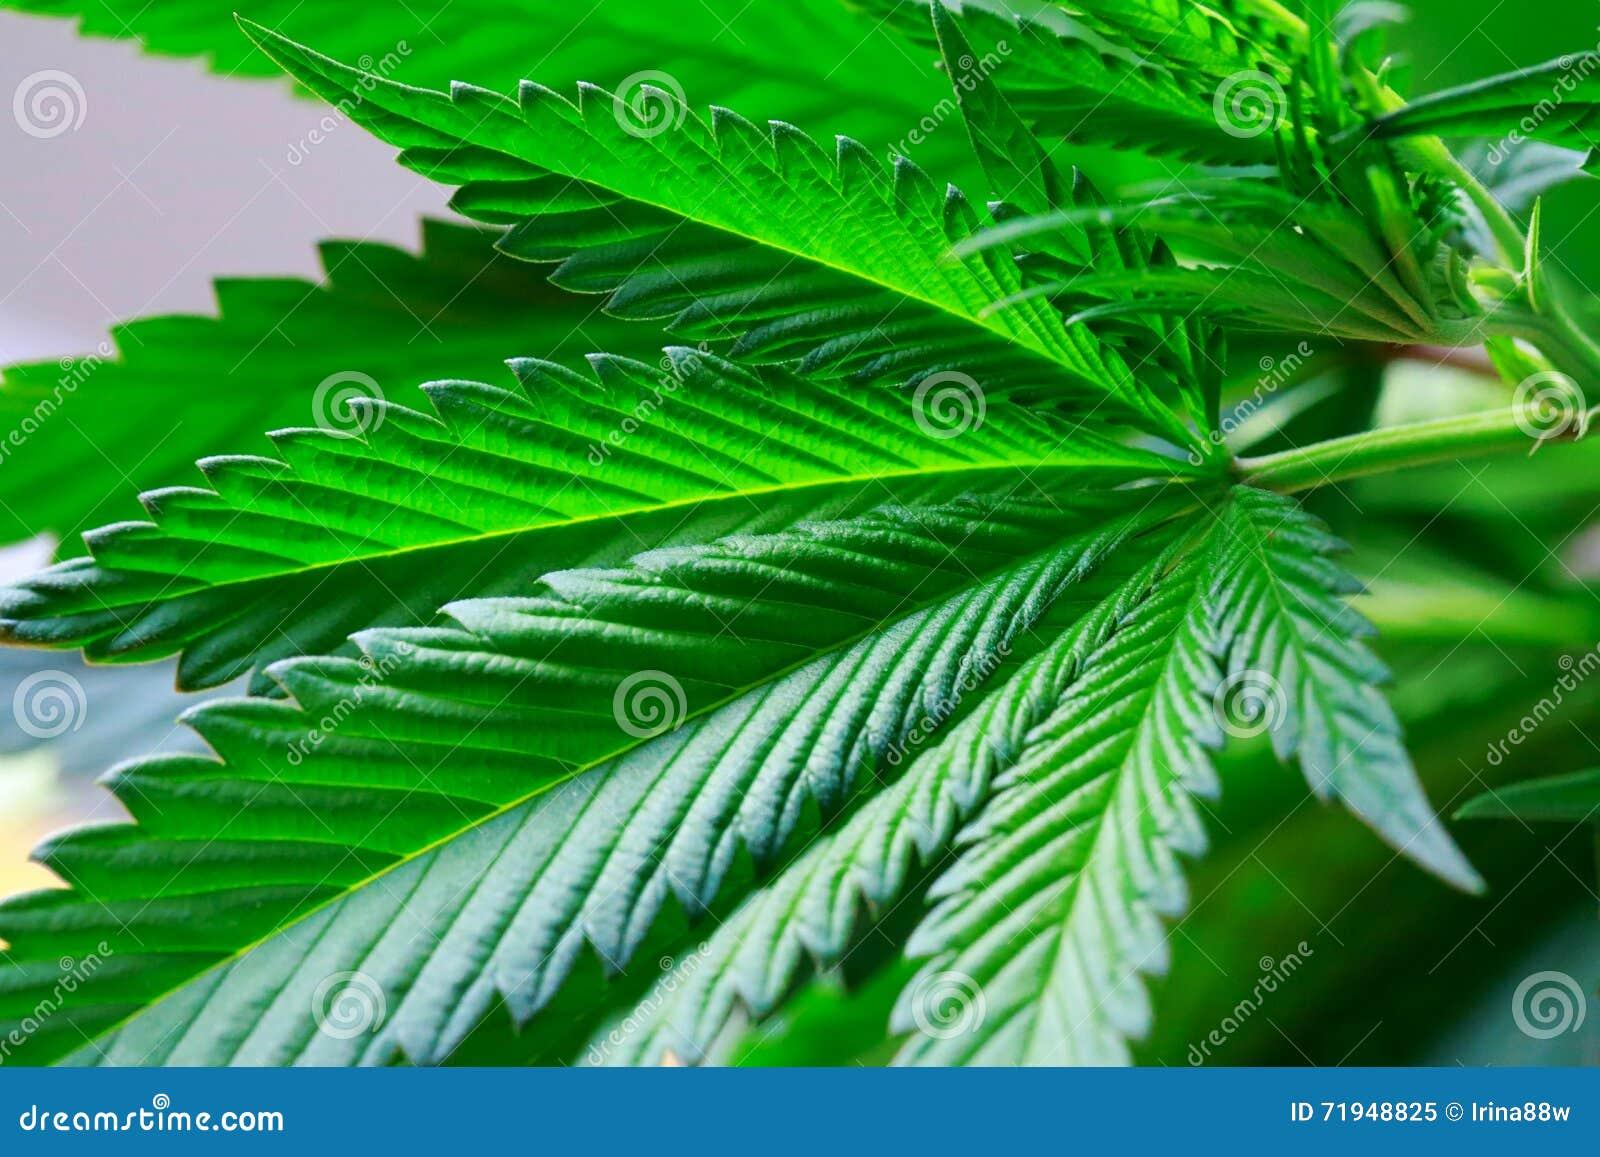 Рука держит макрос листьев зеленого цвета марихуаны свежих больших (смогите